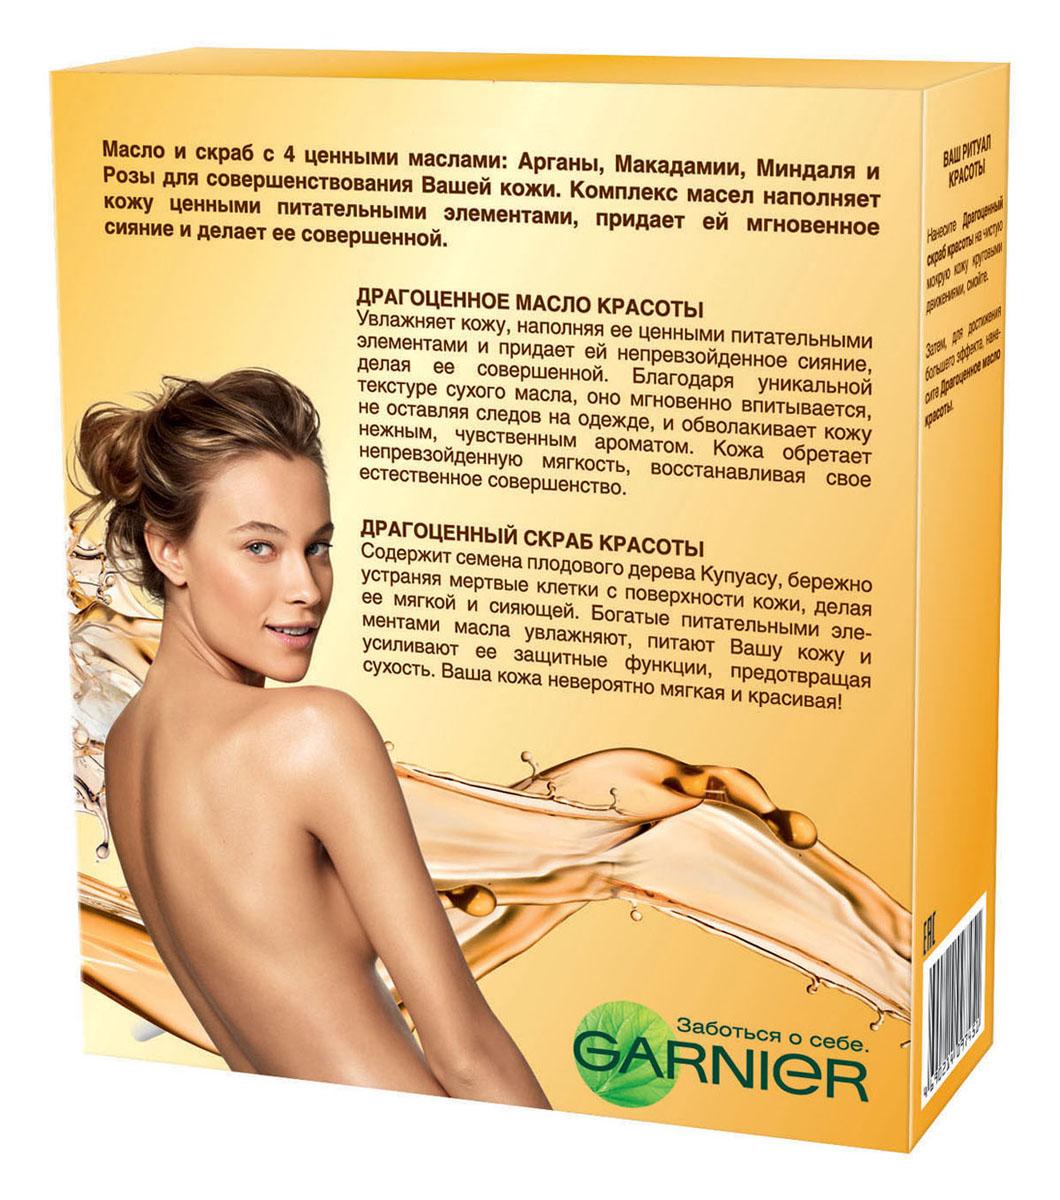 """Garnier ���������� �����: �����-����� ��� ���� """"Ultimate Beauty. ����������� ����� �������"""", 150 �� + ����� ��� ���� """"����������� �����"""